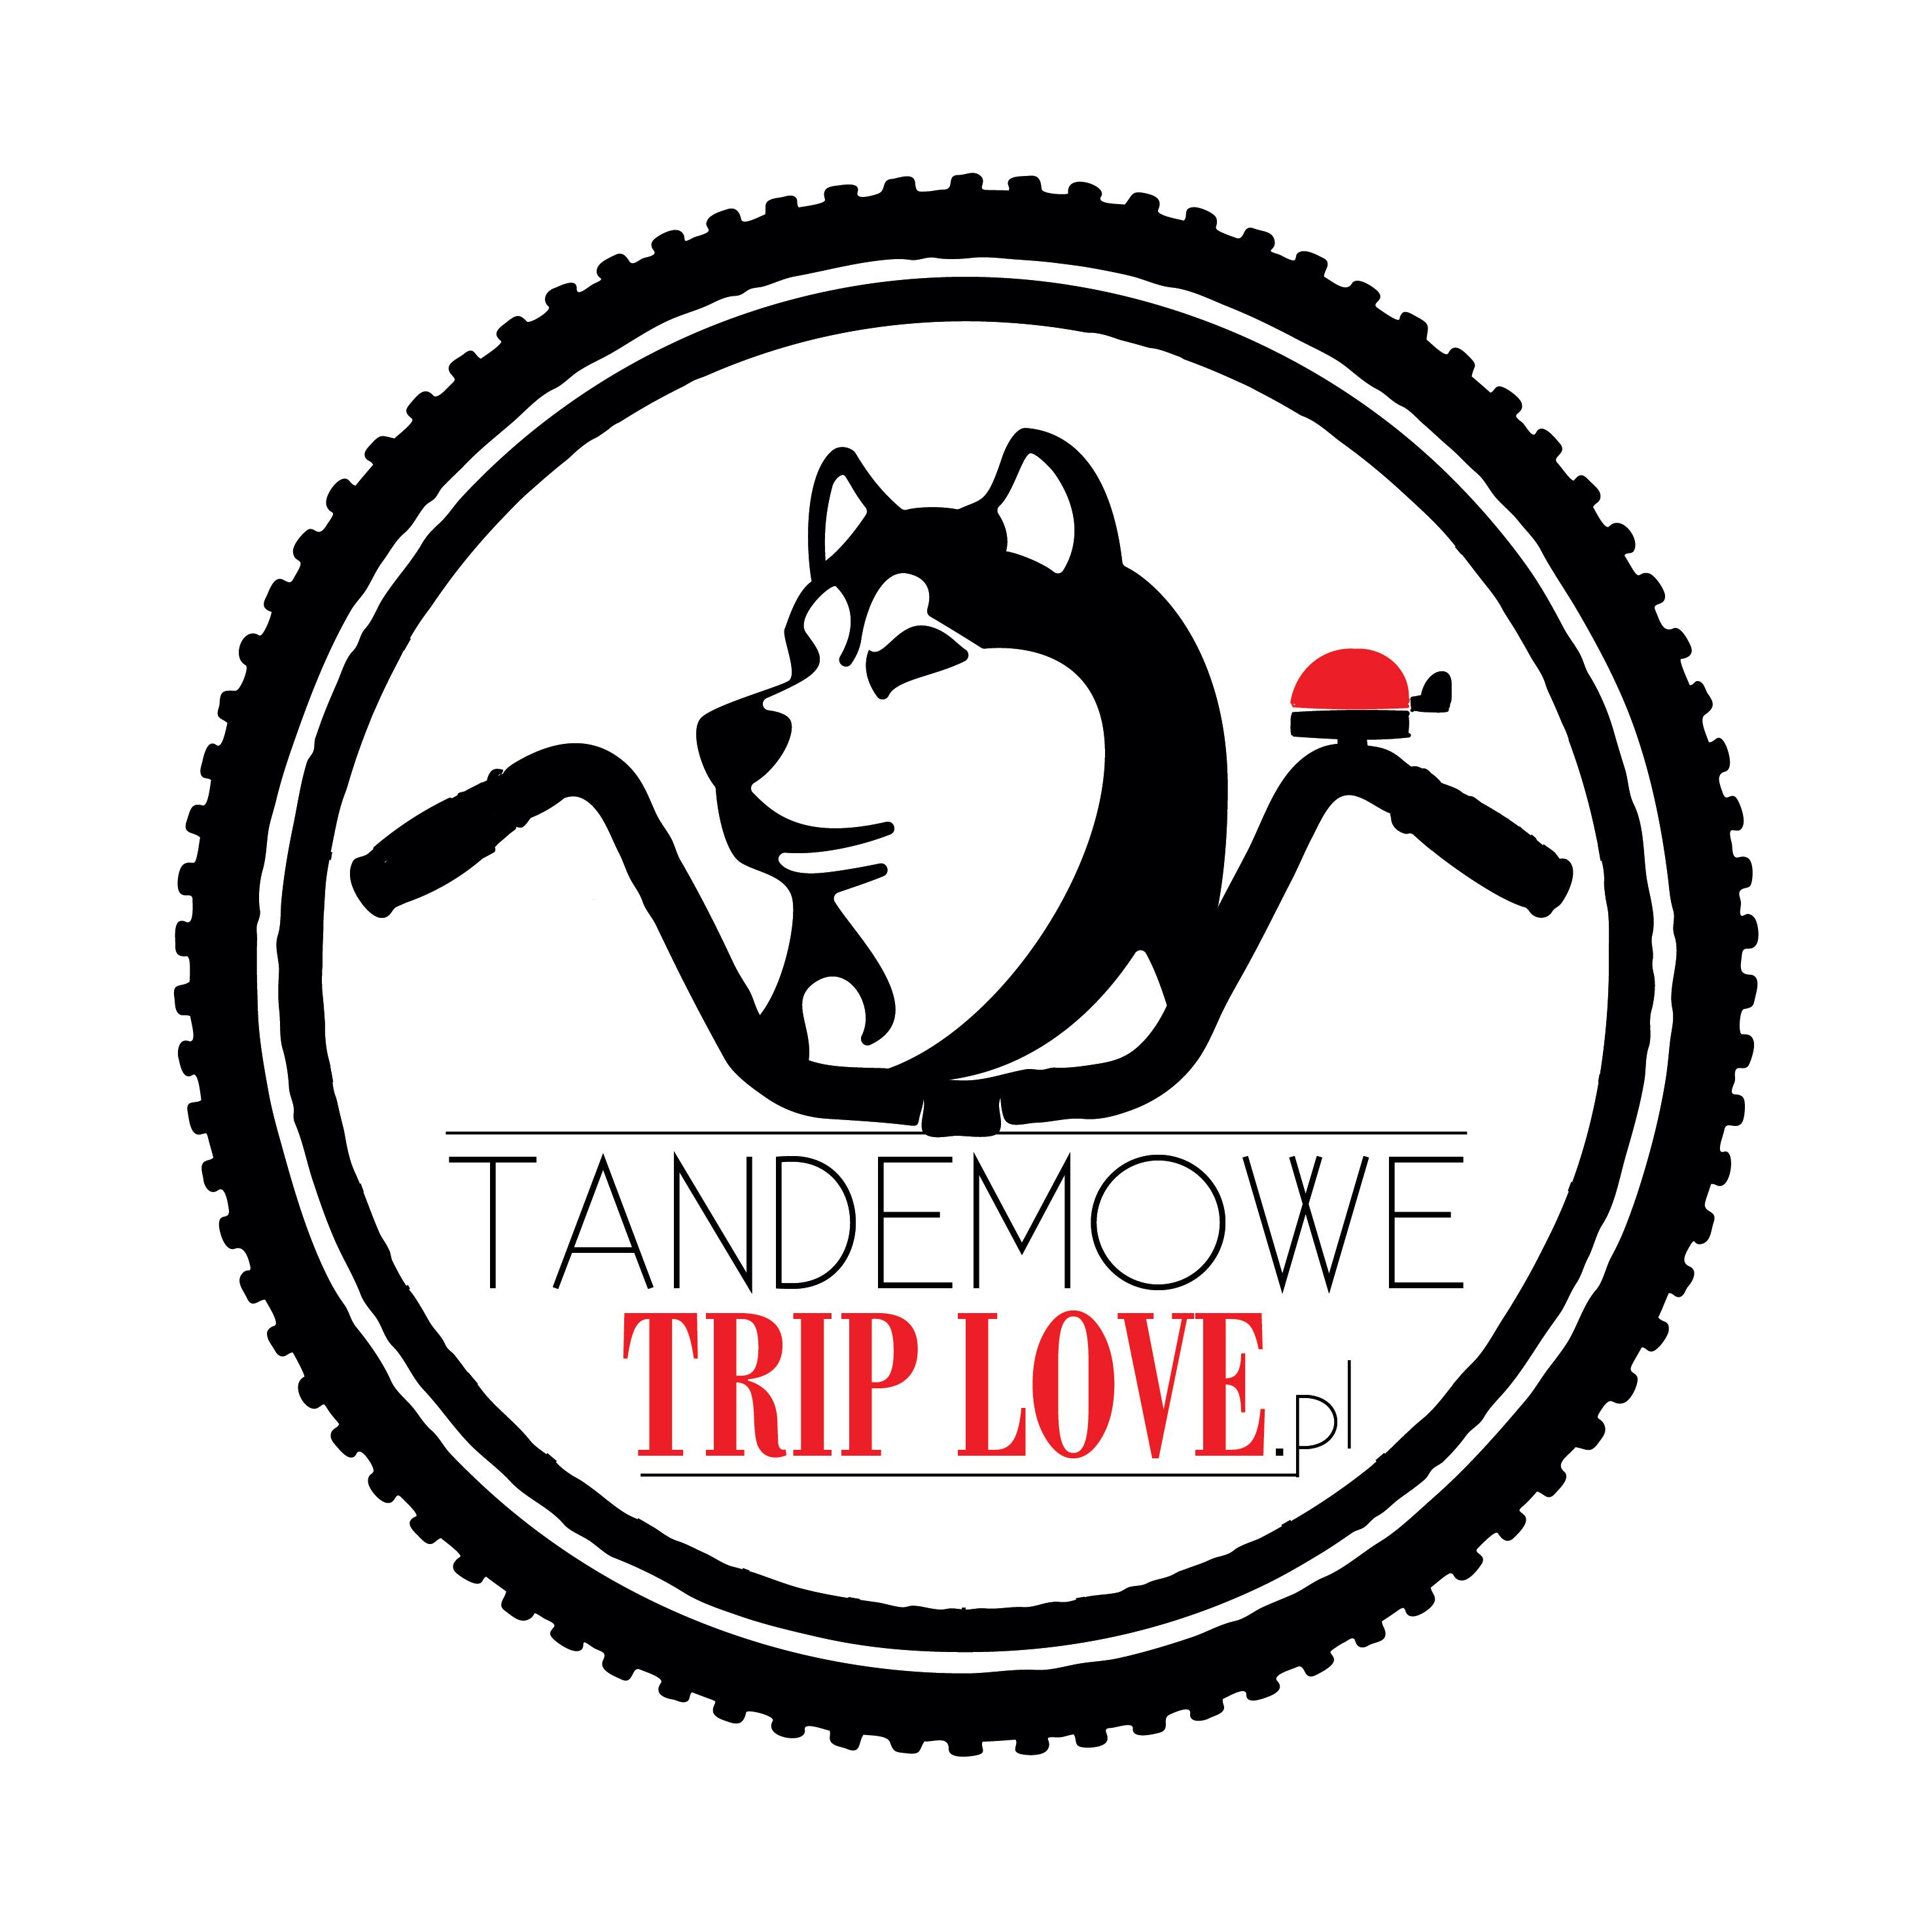 Tandemowe Trip Love - Reklama NSK 2020